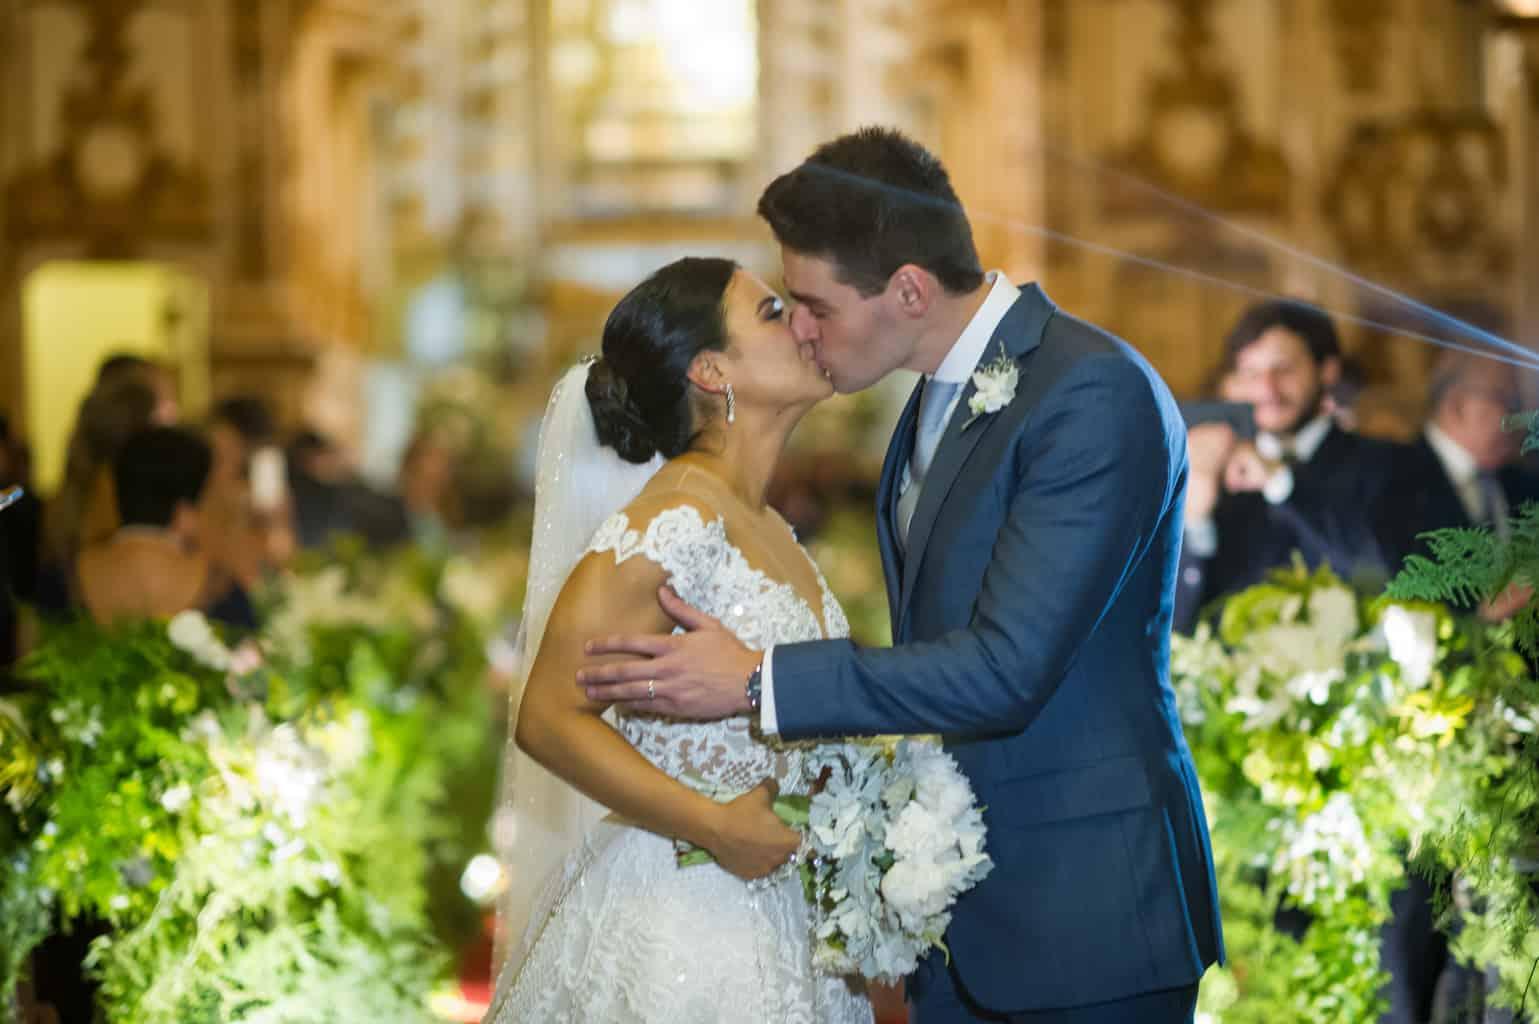 casamenot-Carolina-e-Thiago-casamento-clássico-Rio-de-Janeiro-Fotografia-Marina-Fava25